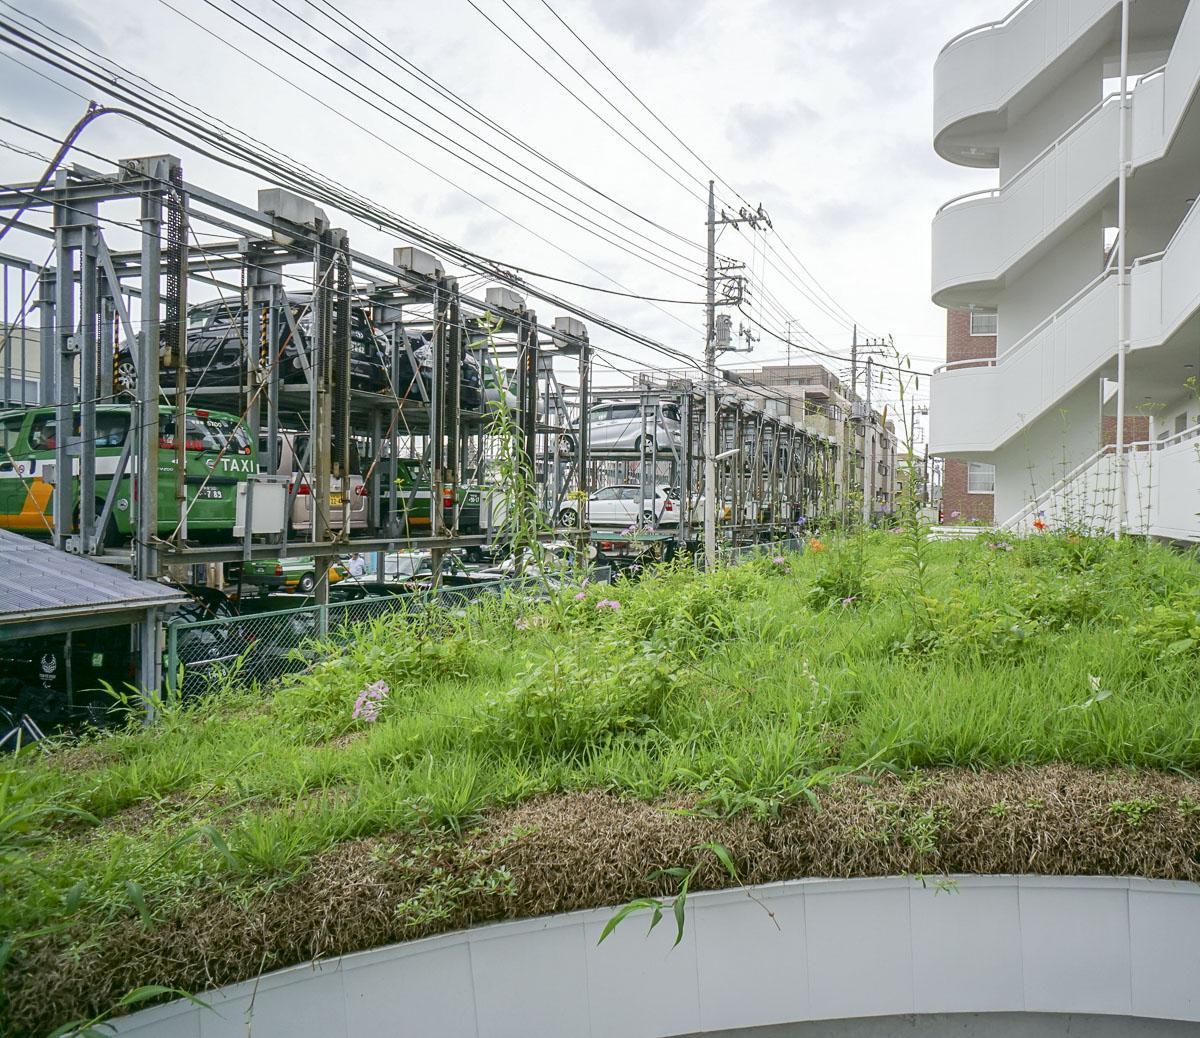 緑化されたエントランス部分屋上